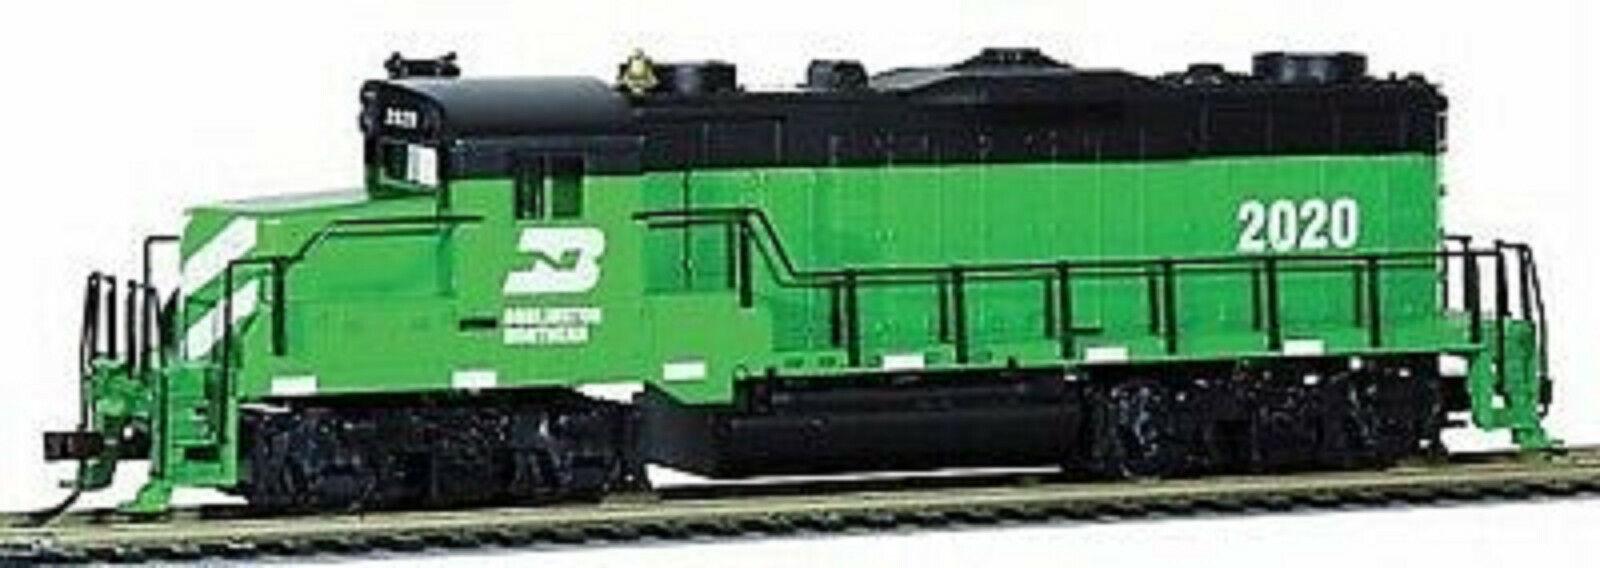 MANTUA  414104 HO SCALE Burlington Northern 2020 GP20 Diesel MRC DC DCC Sound